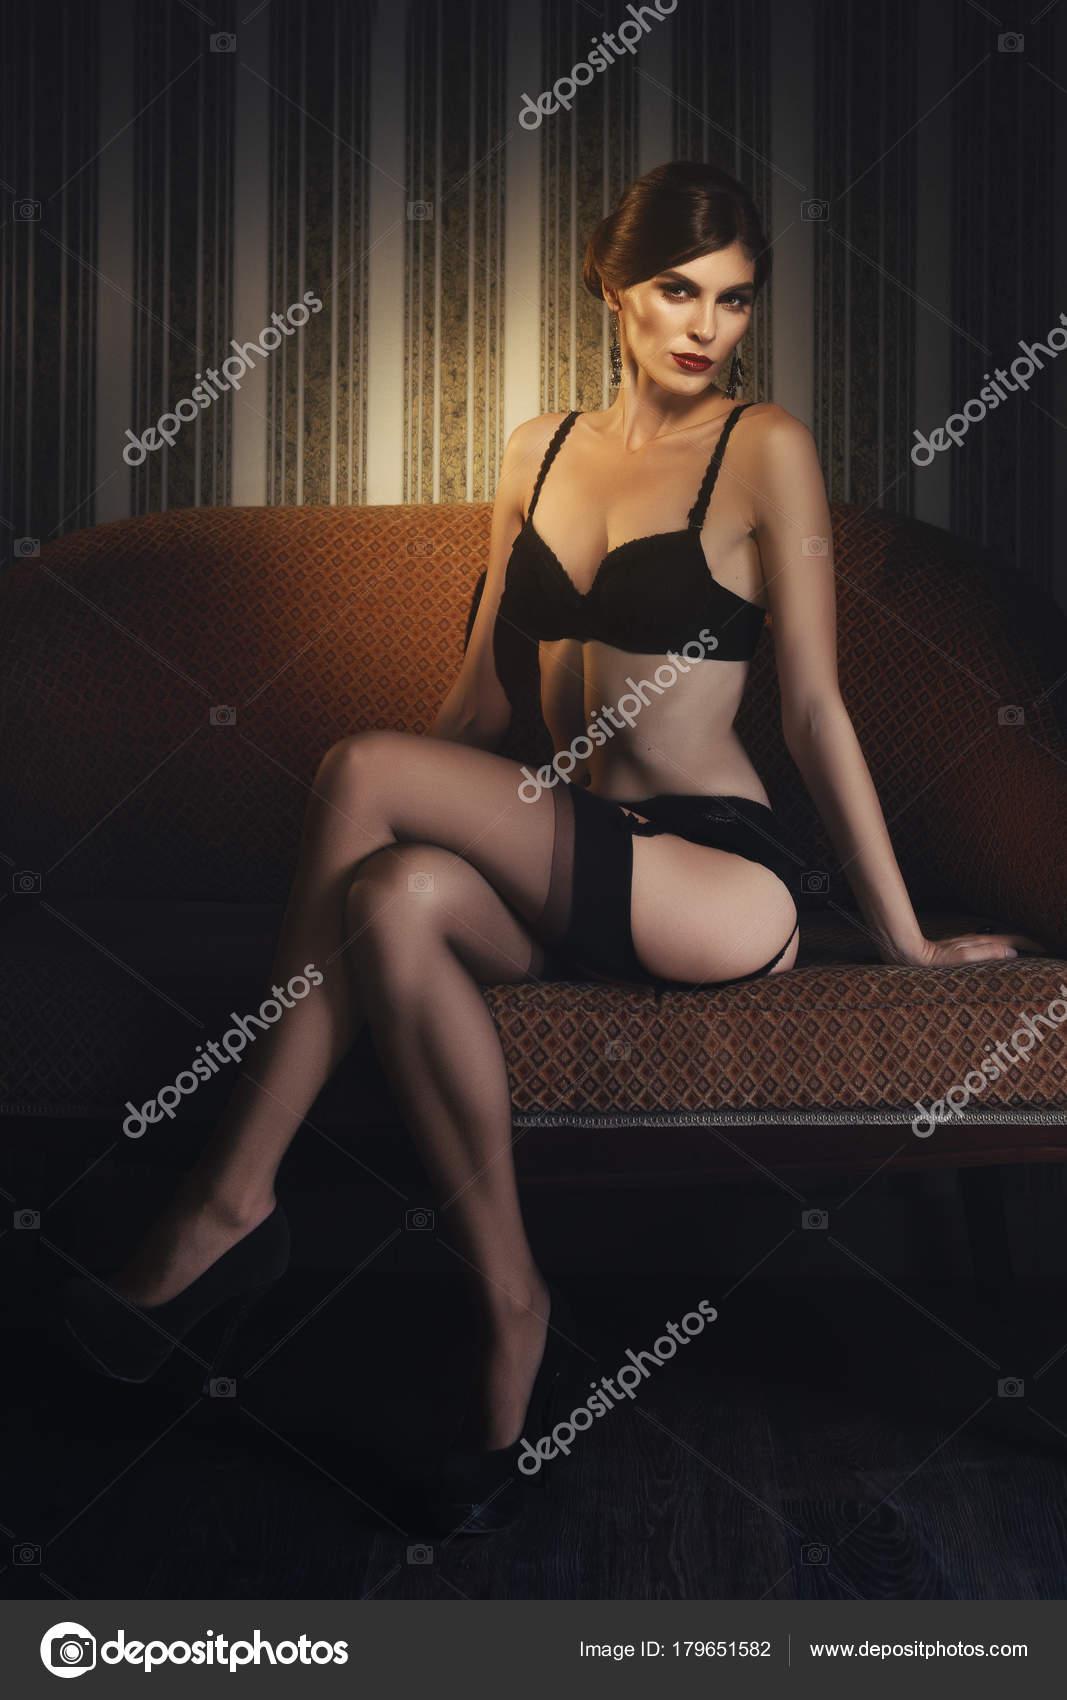 28851fb81858 Señora hermosa en lencería negra y medias con liguero en cuarto ...